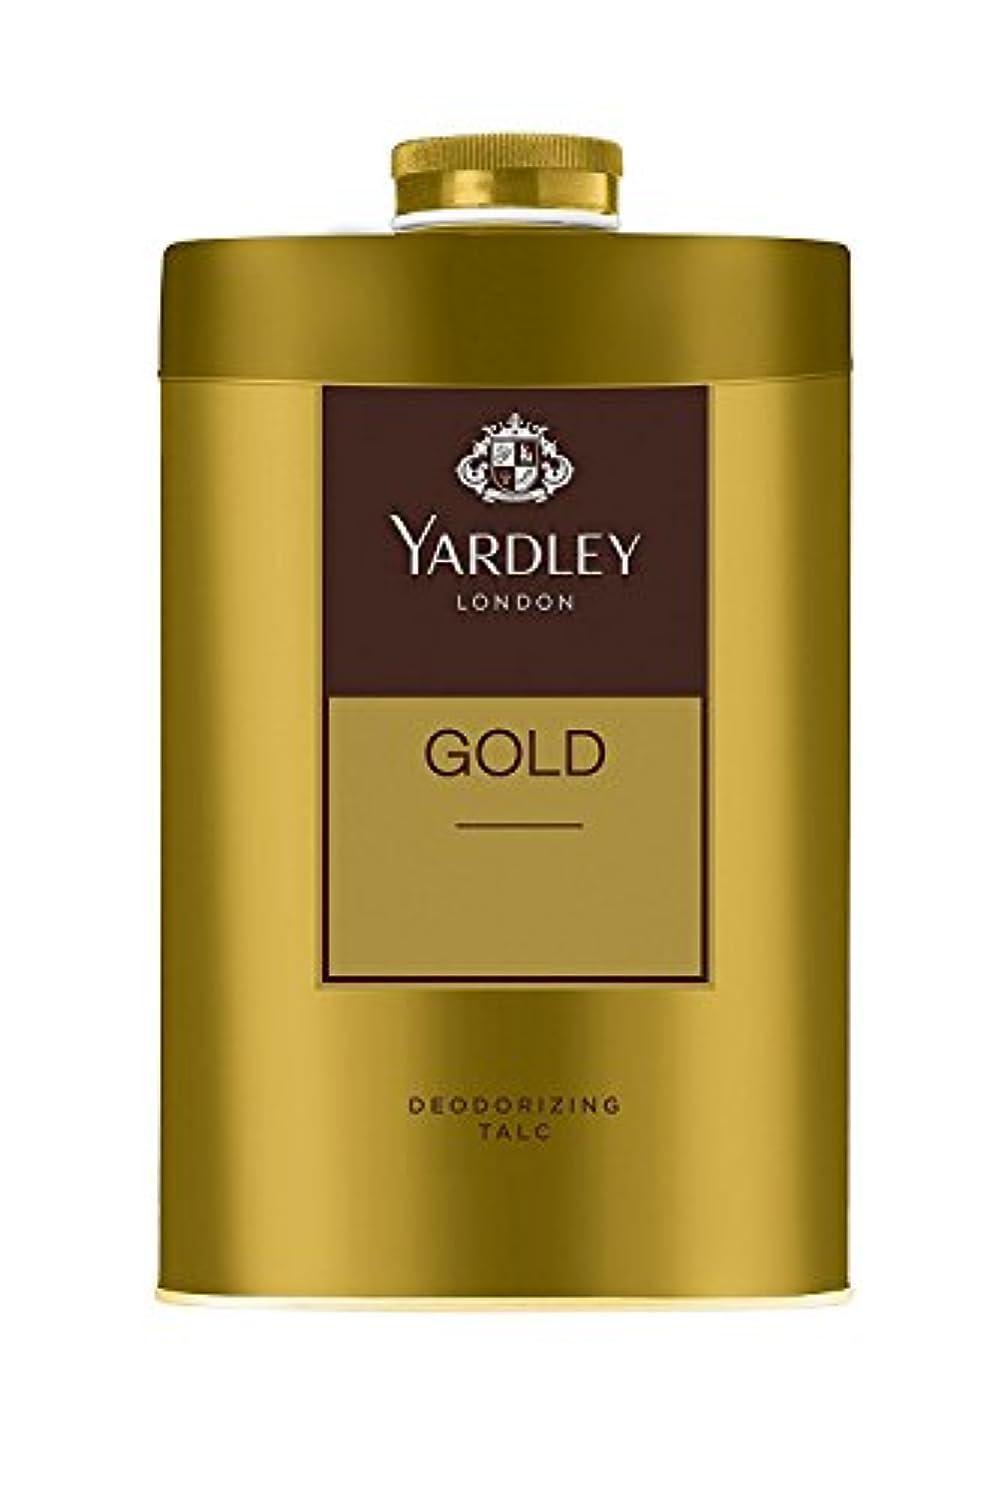 領域マウント脚Yardley London - Gold Deodorizing Talc for Men, 250g